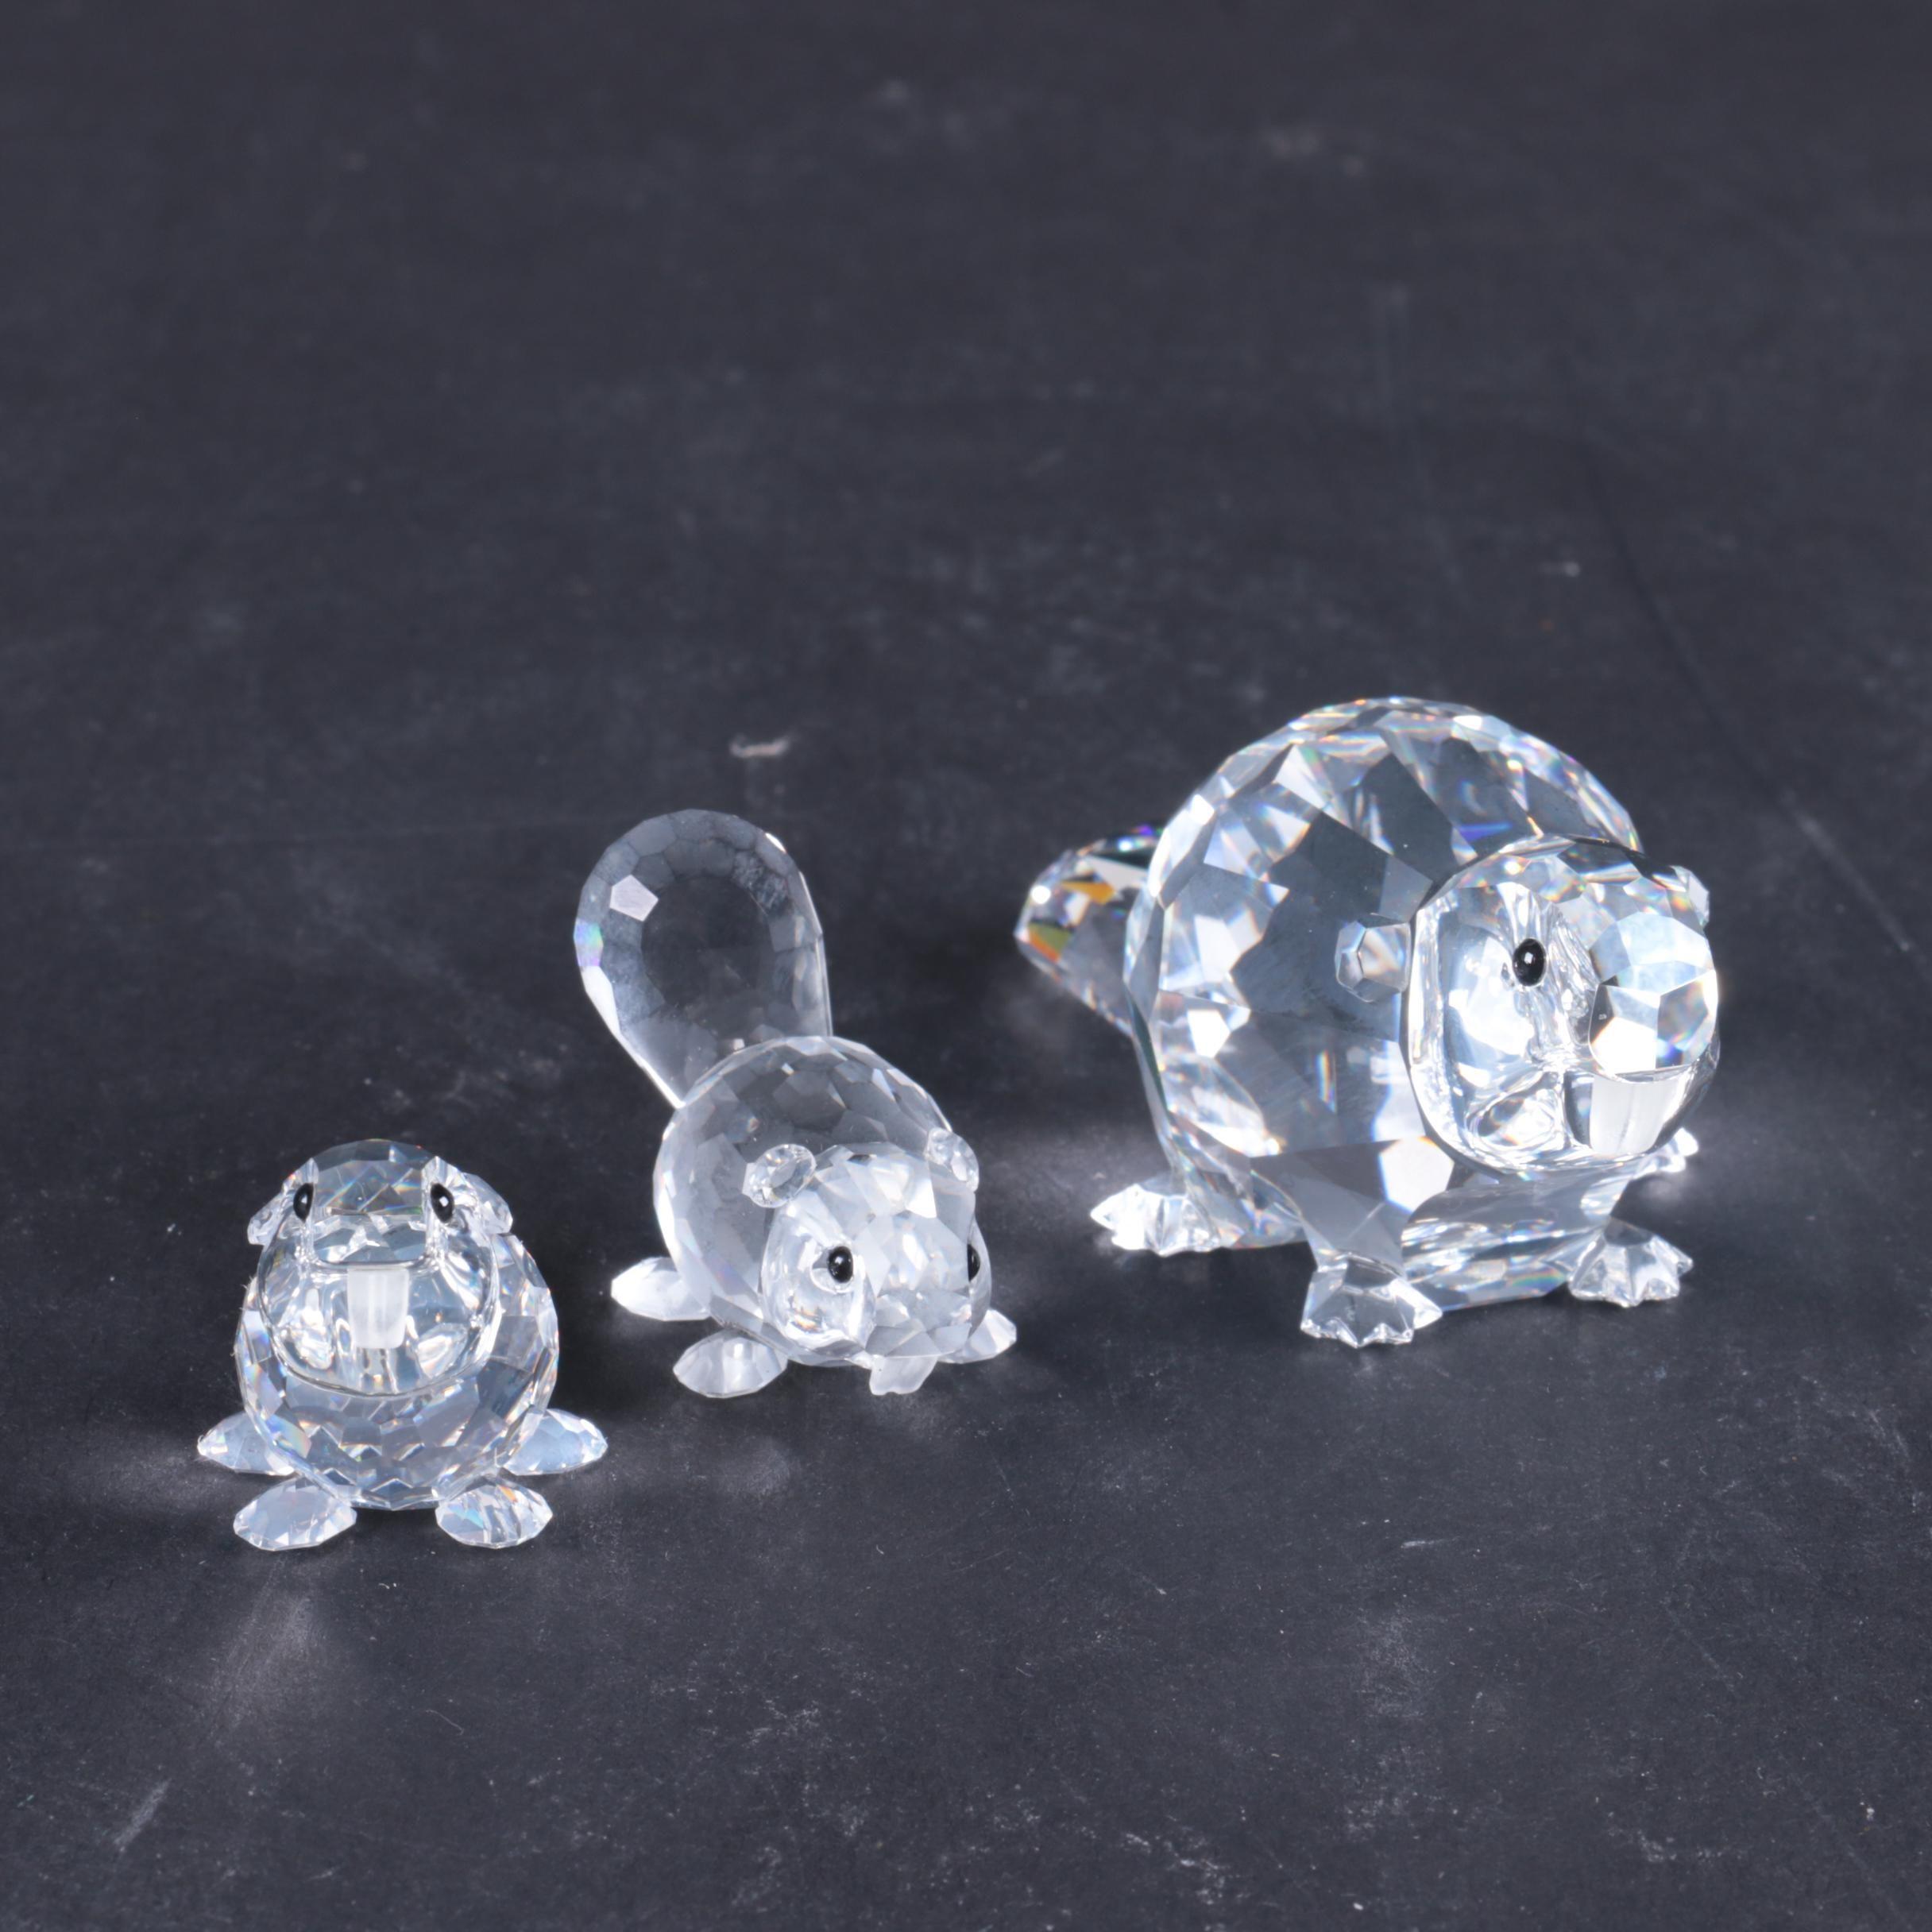 Swarovski Beaver Figurines